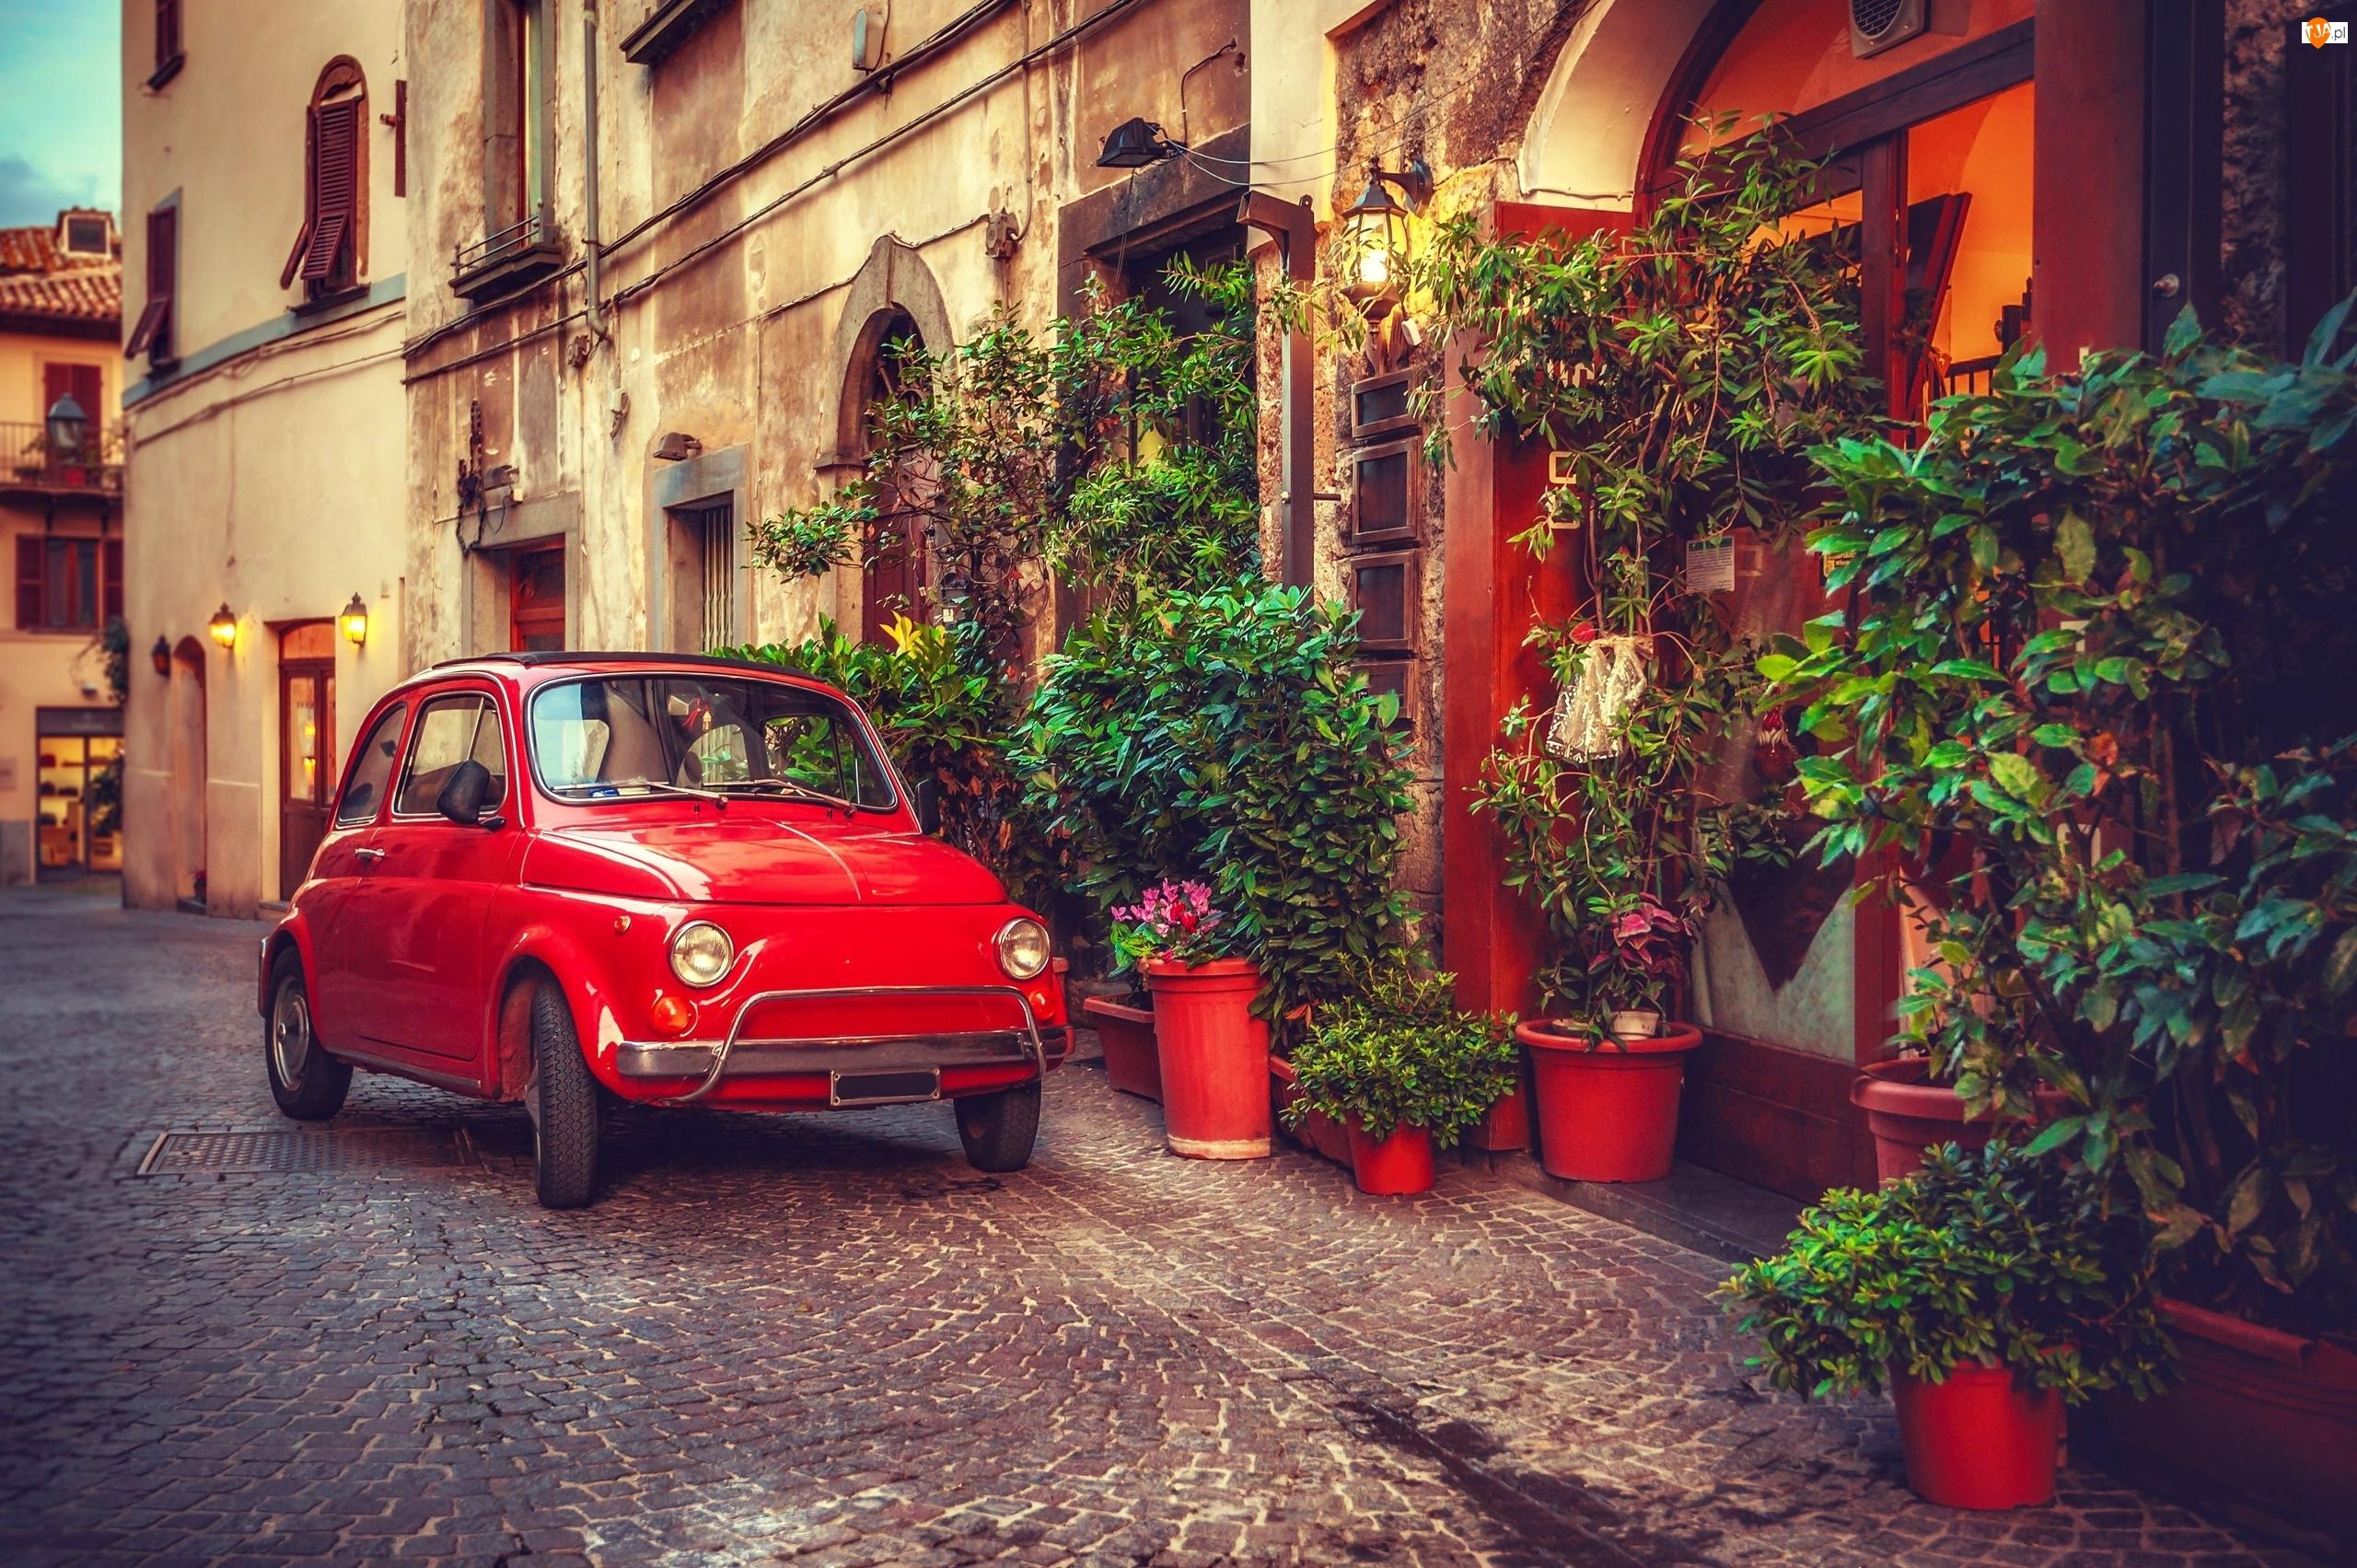 Rośliny, Fiat 500, Ulica